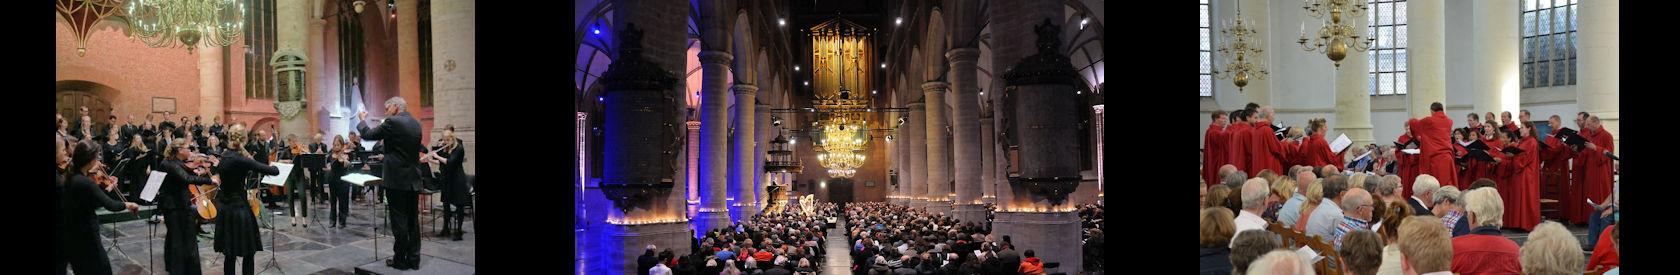 Bijzonder Kerkenwerk Leiden